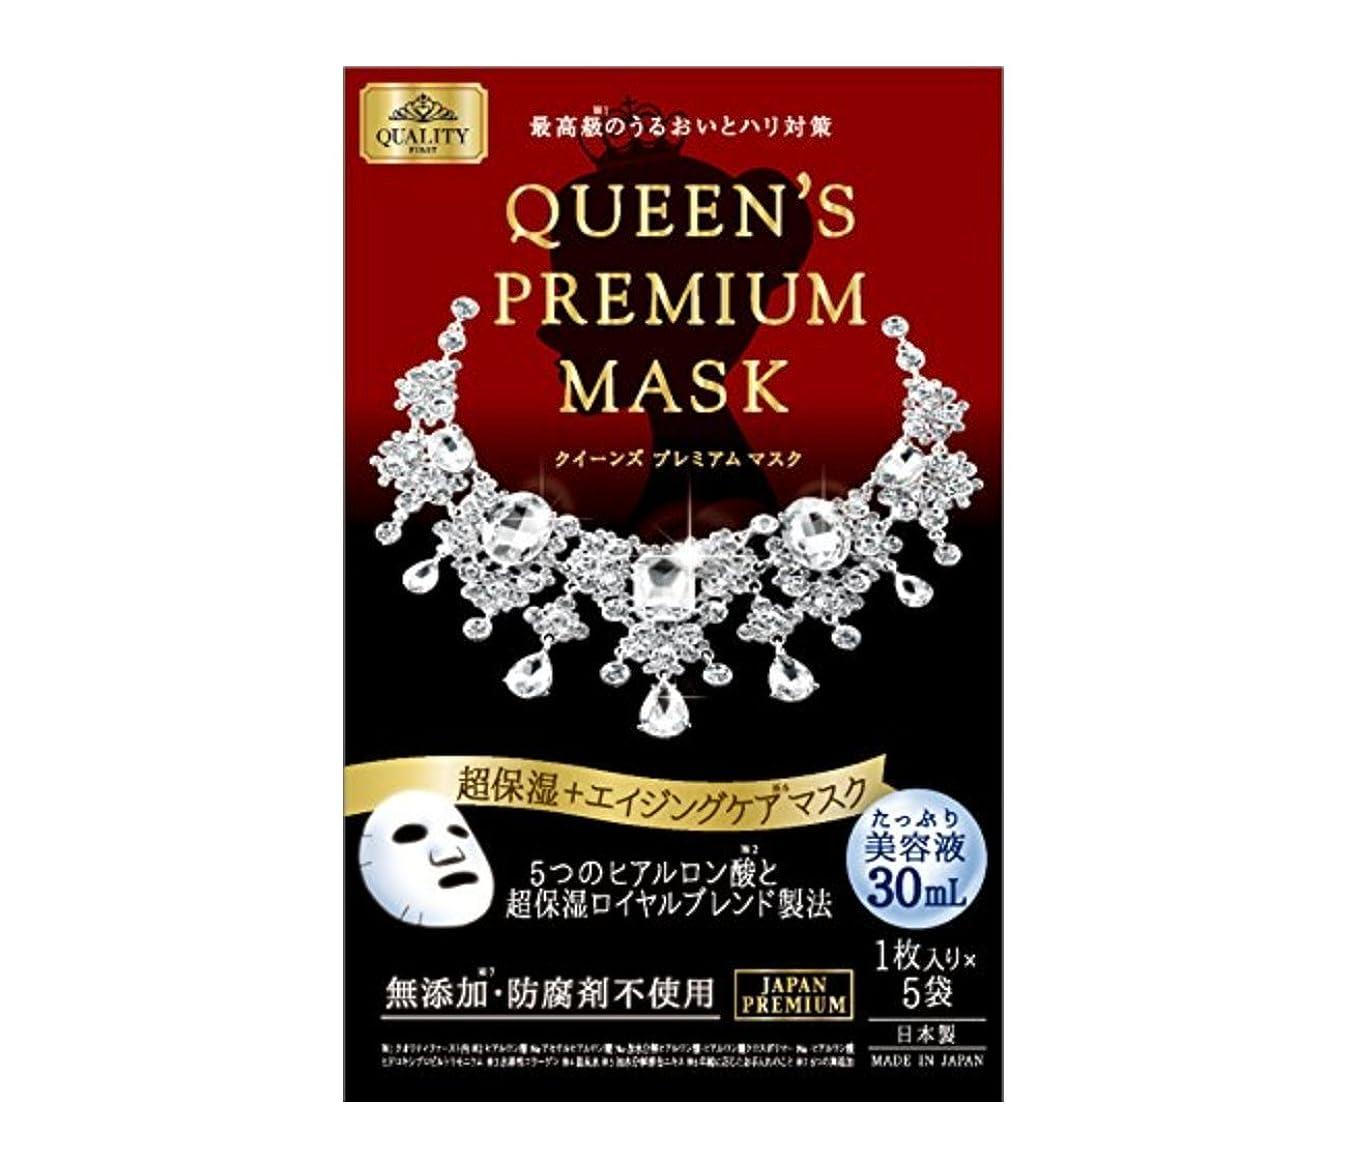 選択さまようリネンクイーンズプレミアムマスク 超保湿マスク 5枚入 15個セット